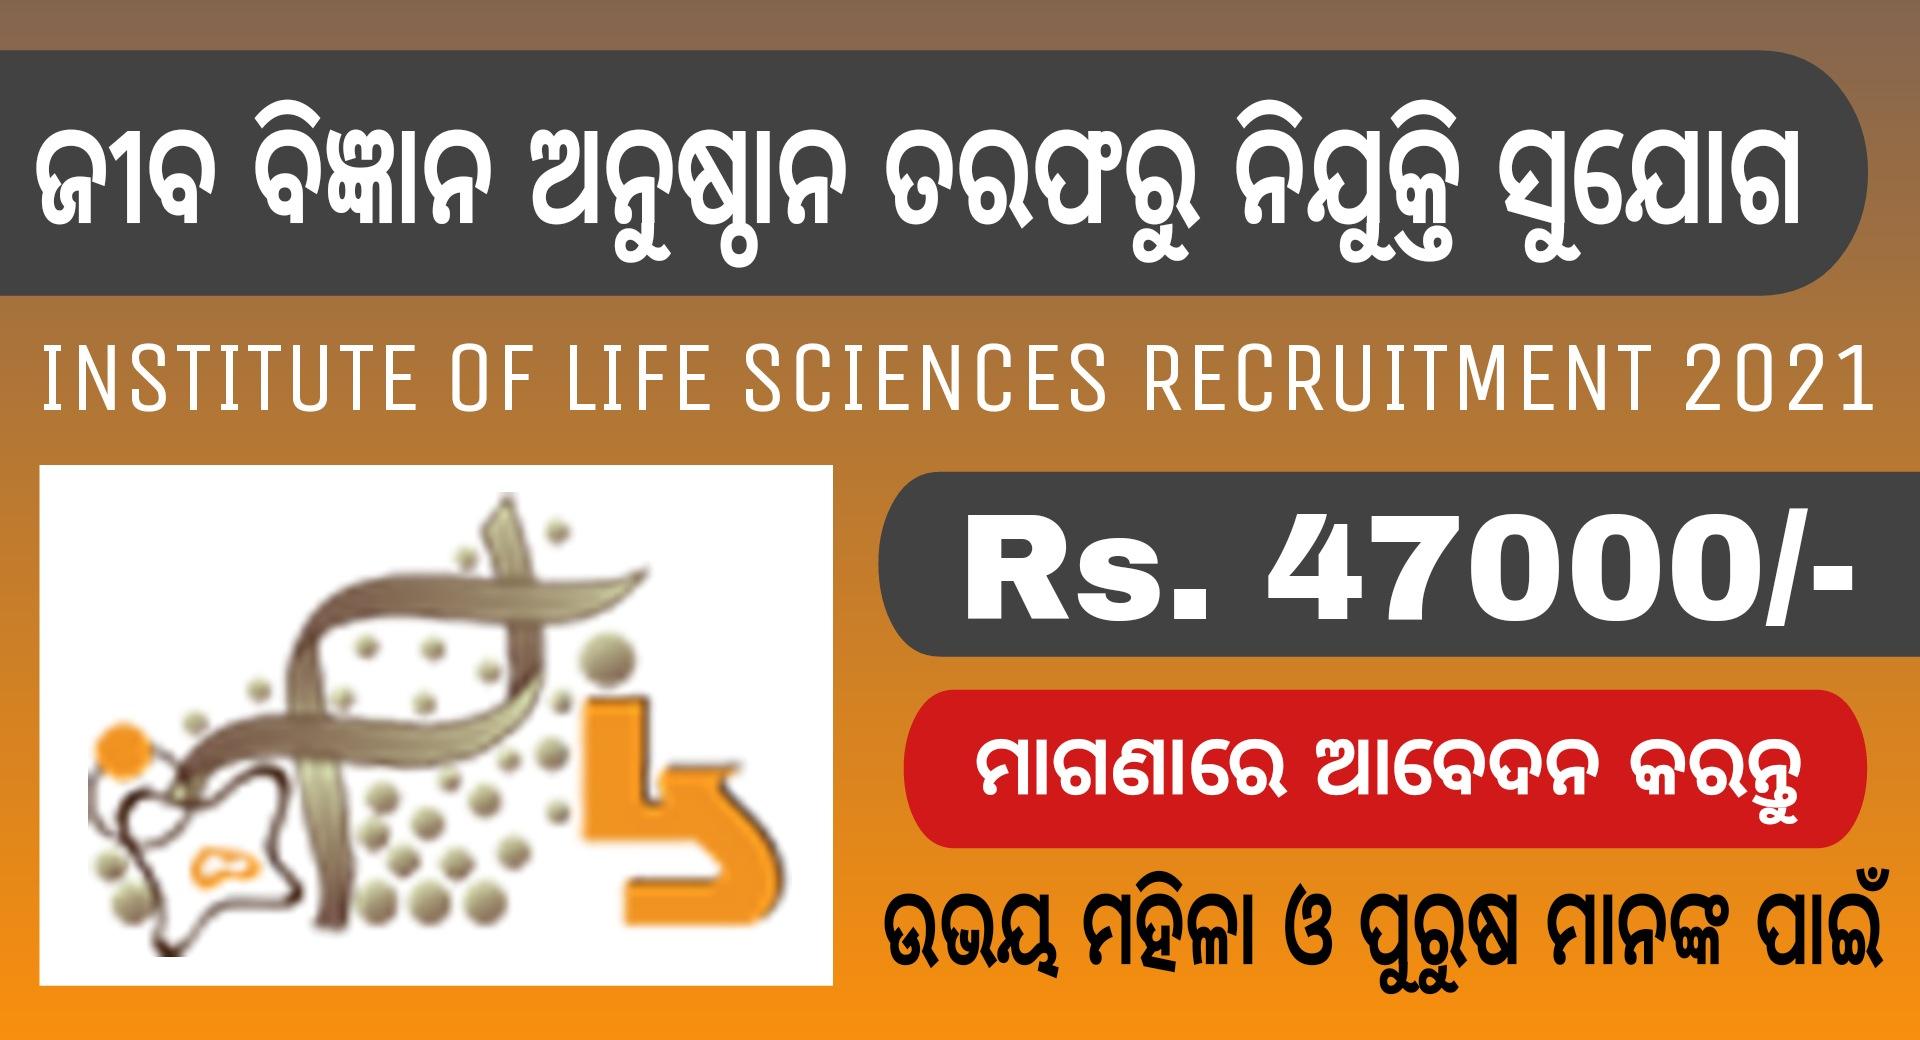 Institute of Life Sciences Recruitment 2021 – Jobs in Odisha